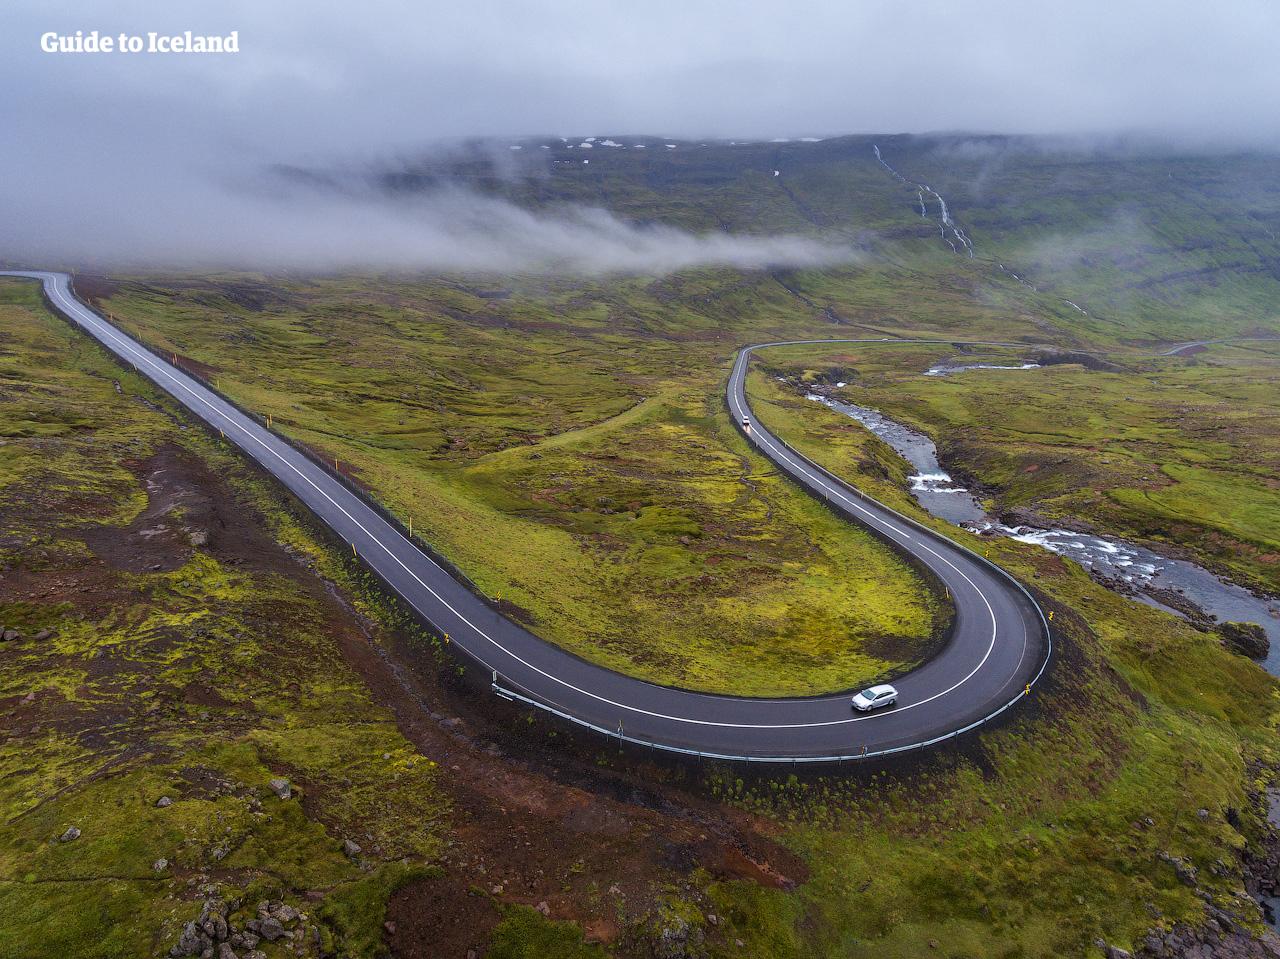 10-dages kør selv-ferie   De populæreste attraktioner på ringvejen og Snæfellsnes-halvøen